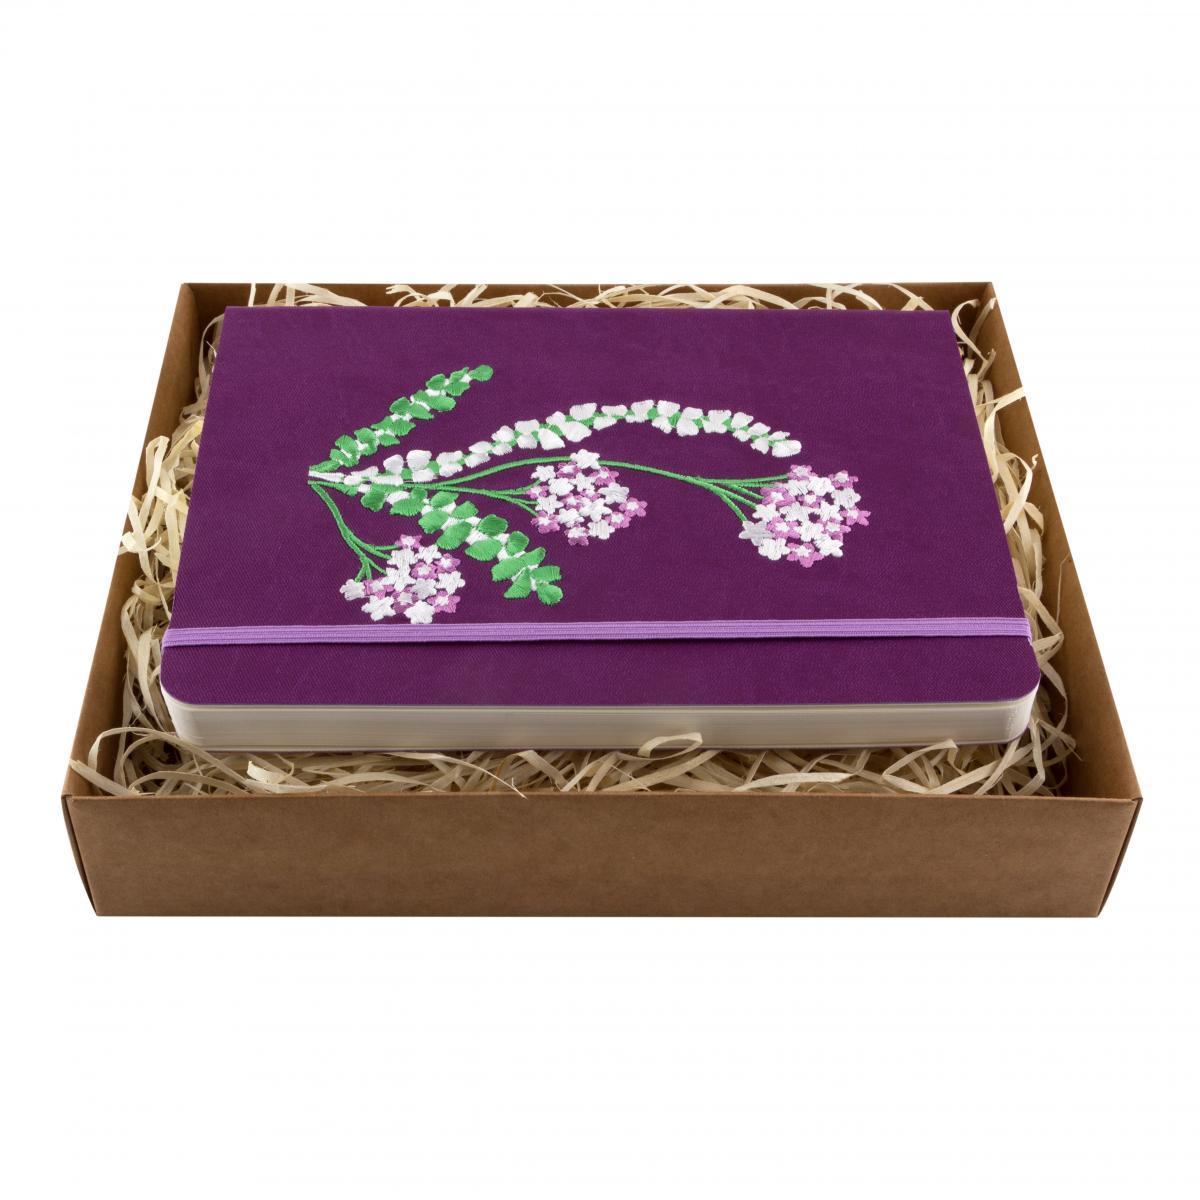 Блокнот фиолетового цвета с вышитыми цветками. Фото №1. | Народный дом Украина